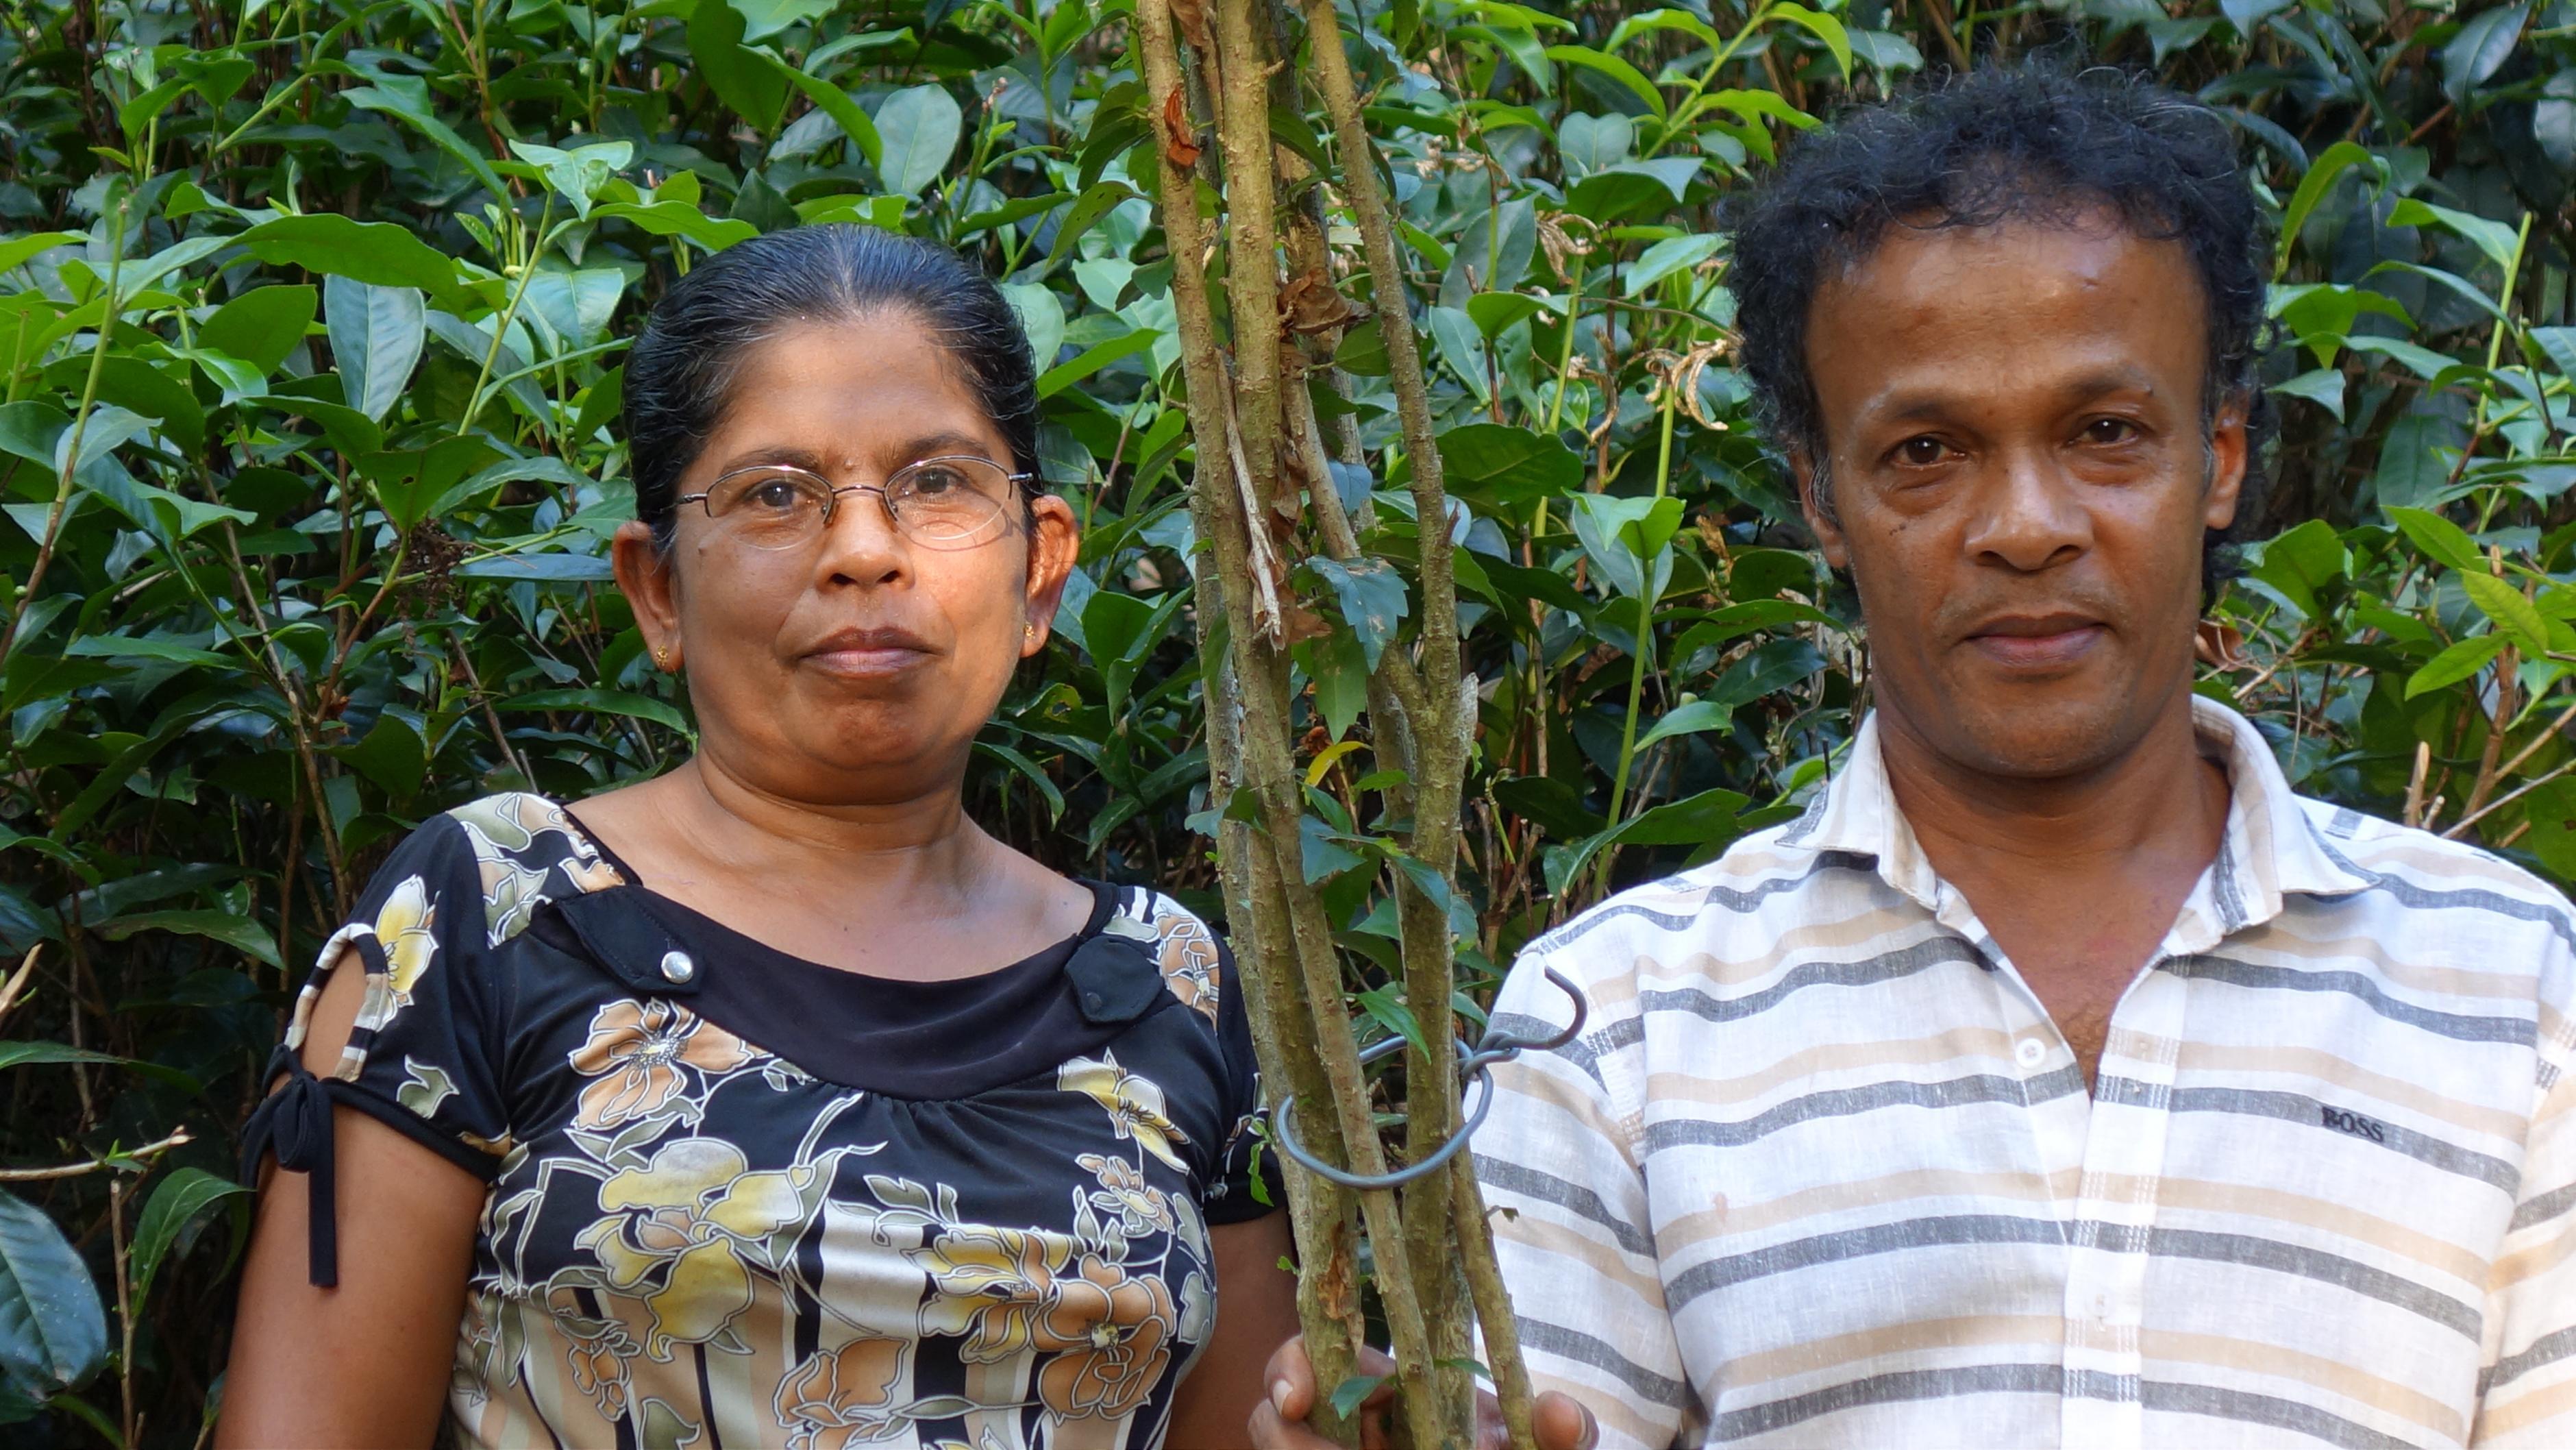 Das Ehepaar Dayananda gehört zu den 750 Kleinbauernfamilien, die auf biologische Anbaumethoden umstellen.